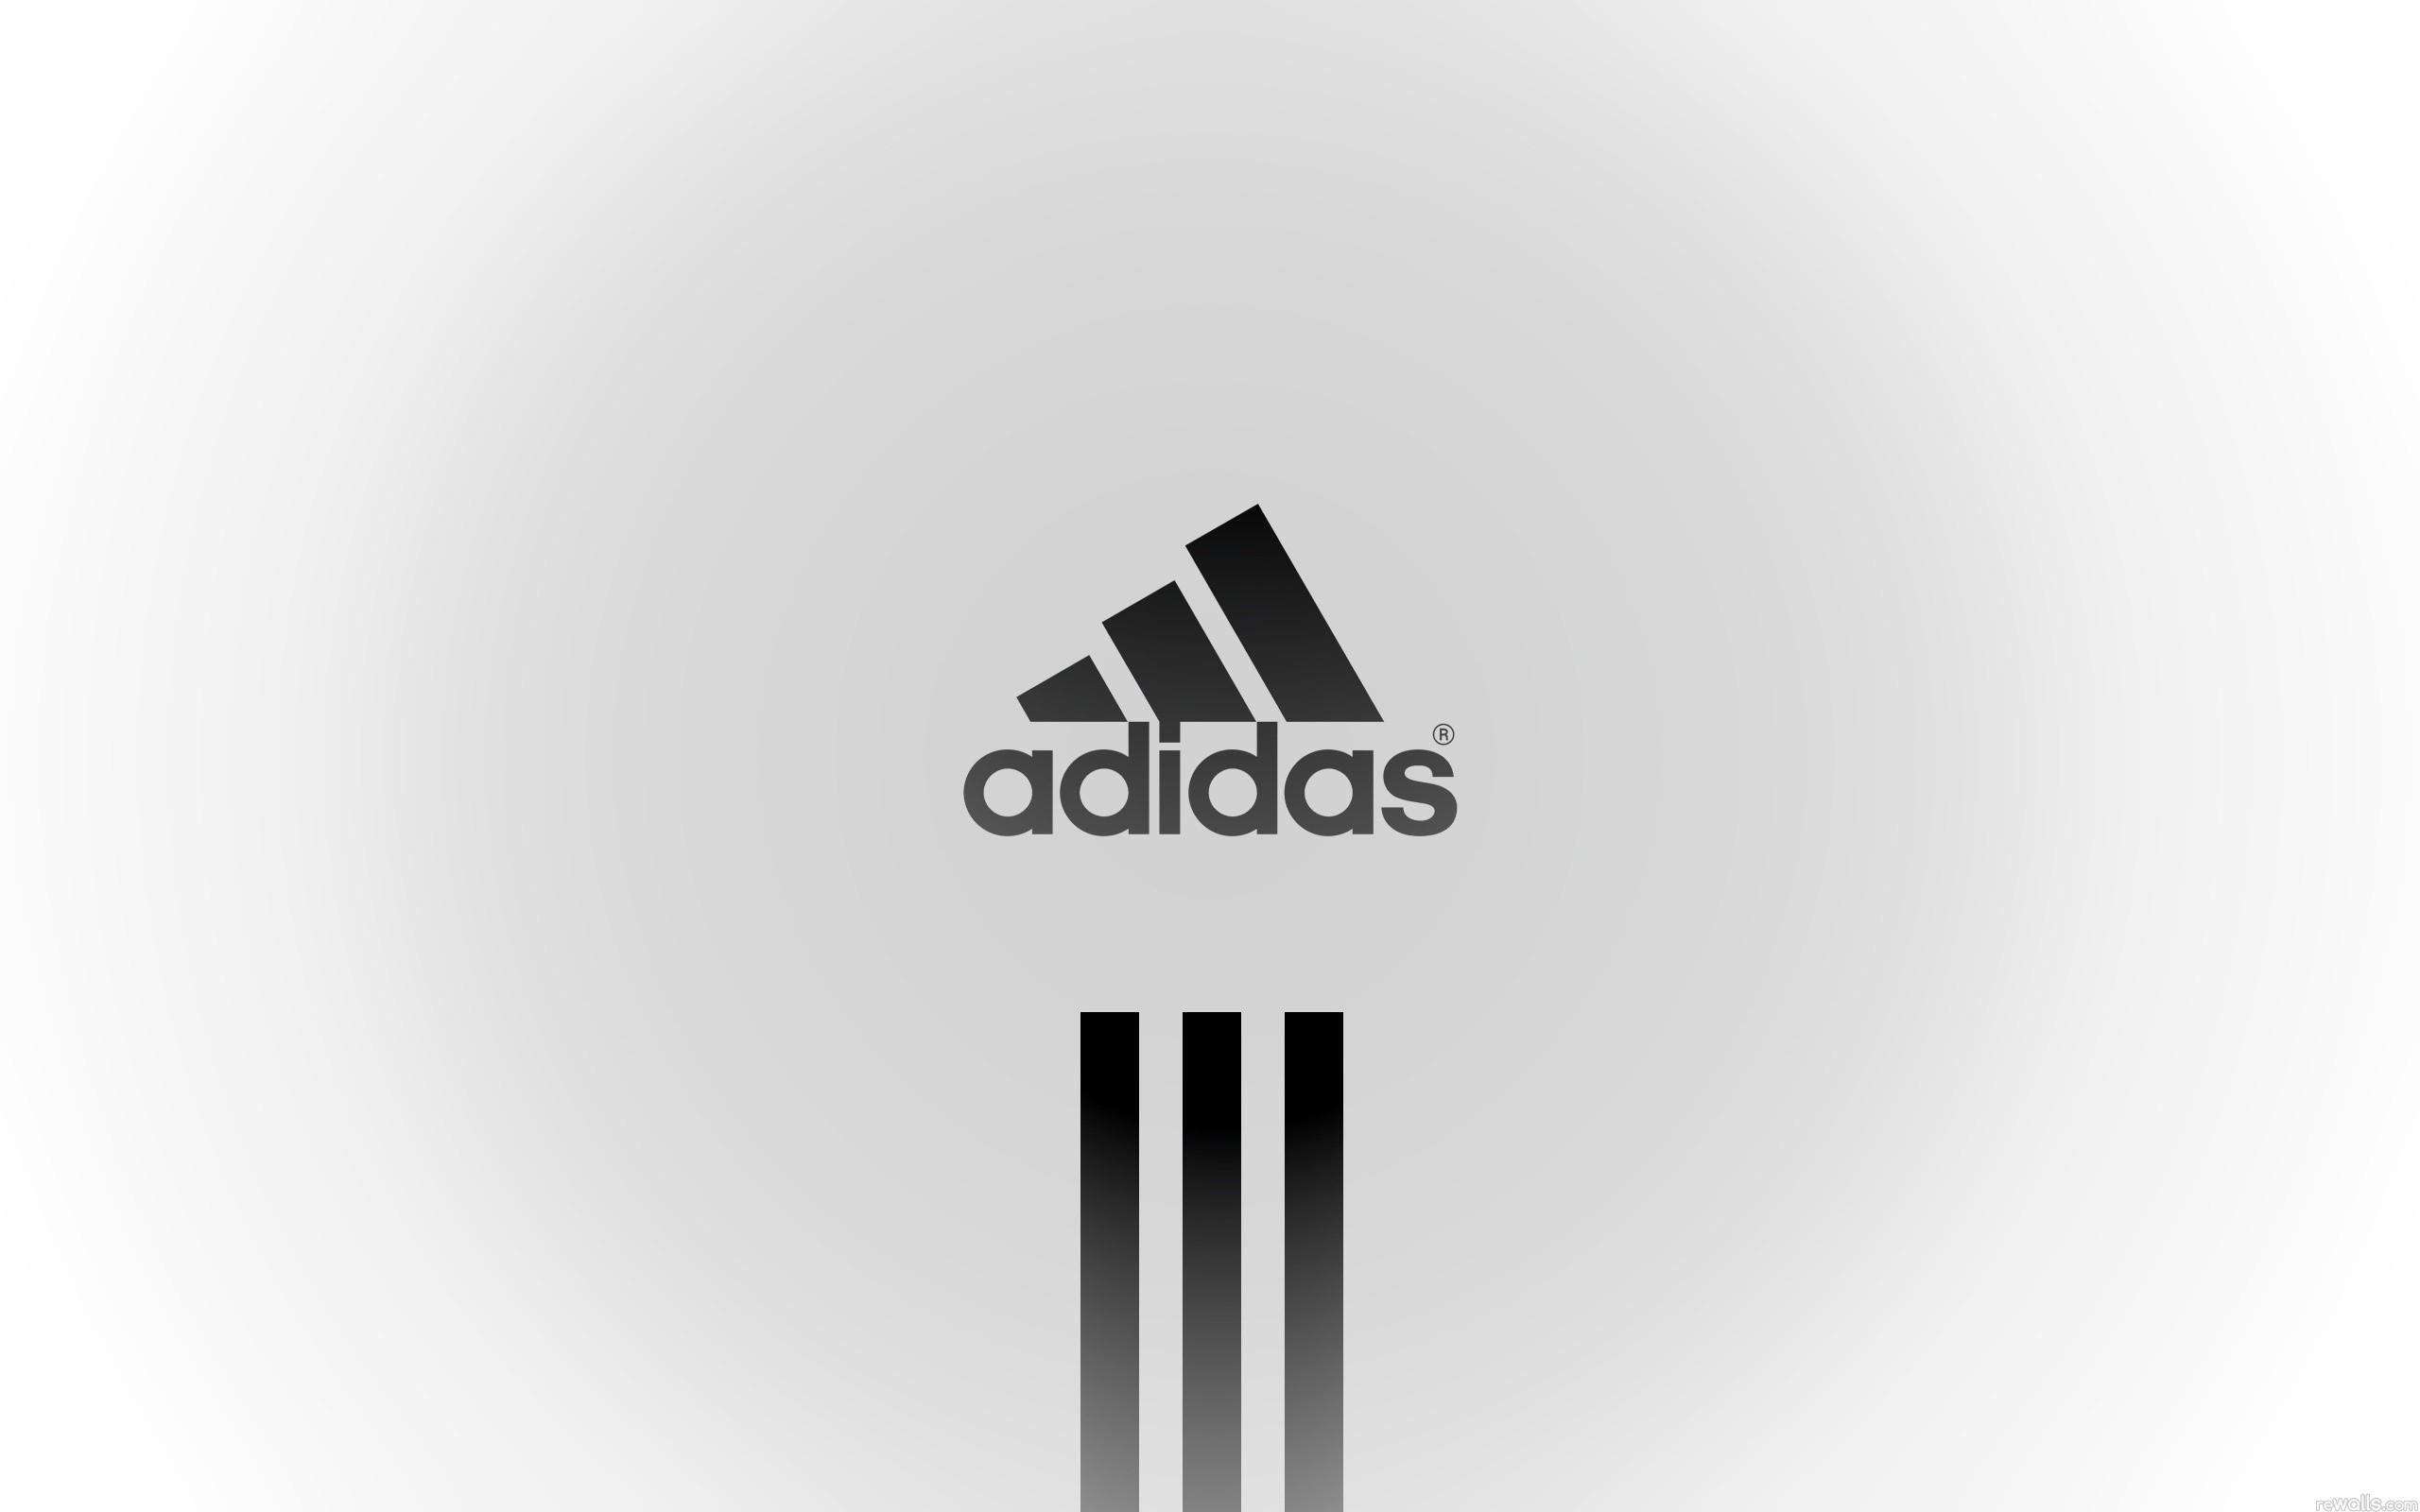 Adidas - 2560x1600